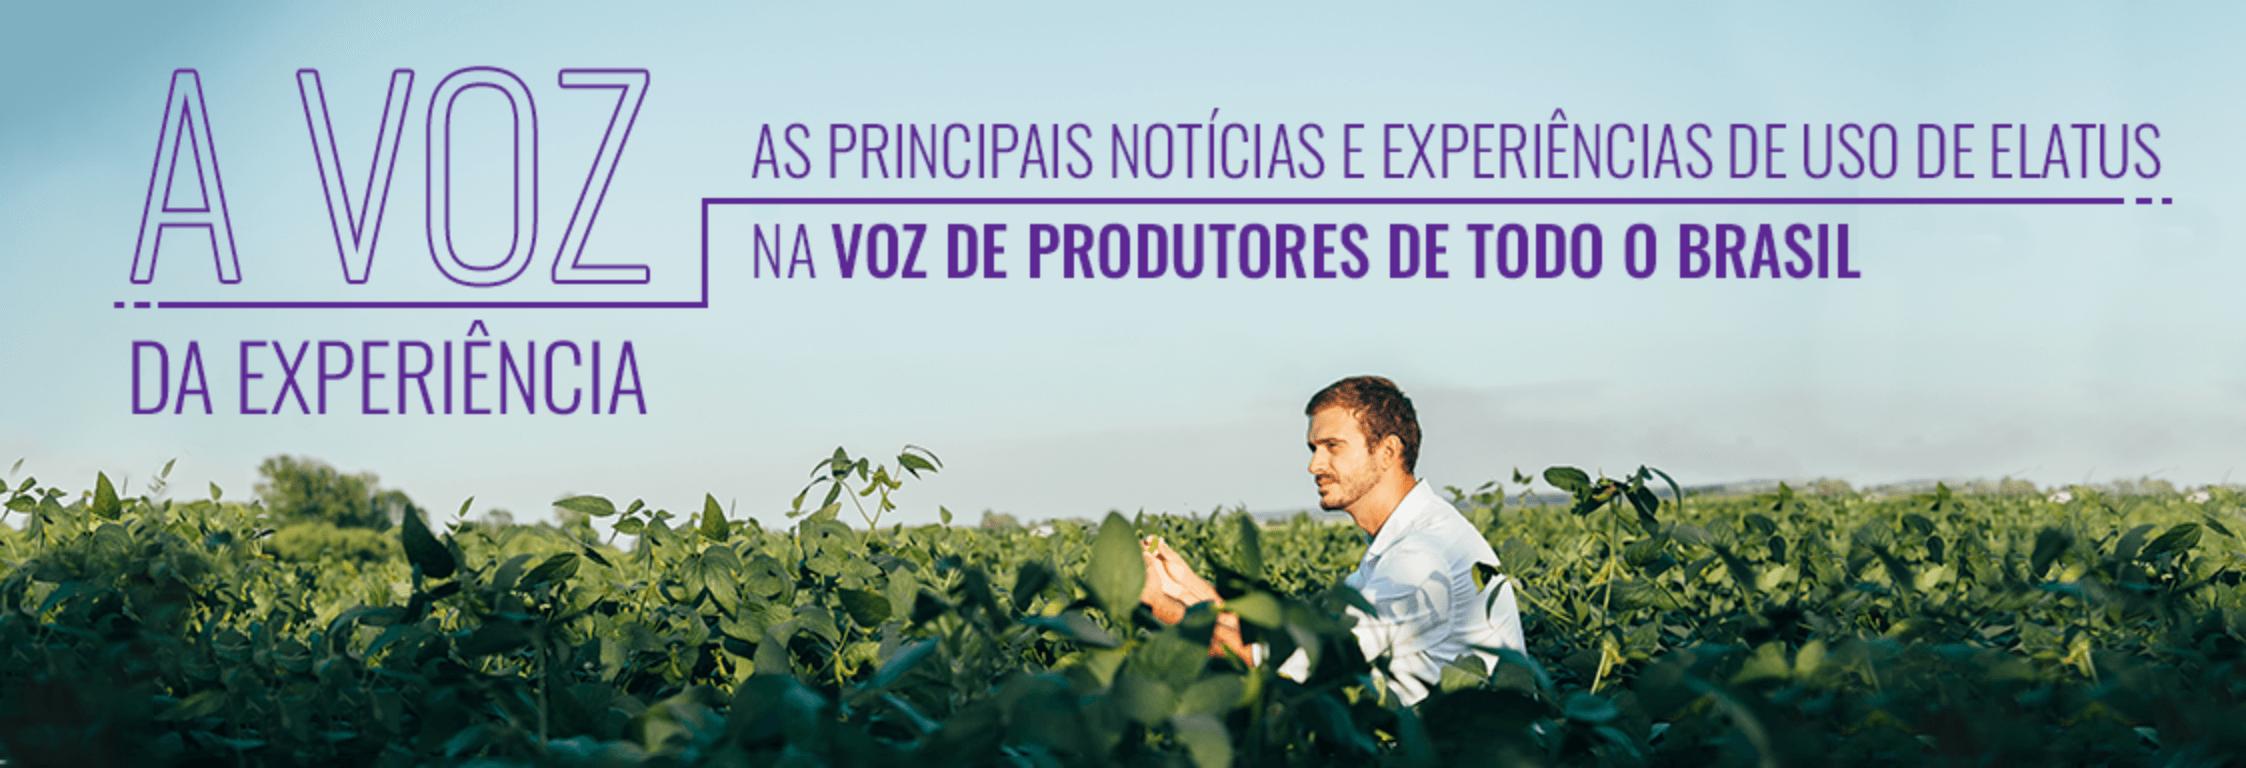 Notícias e experiências de uso de Elatus por produtores